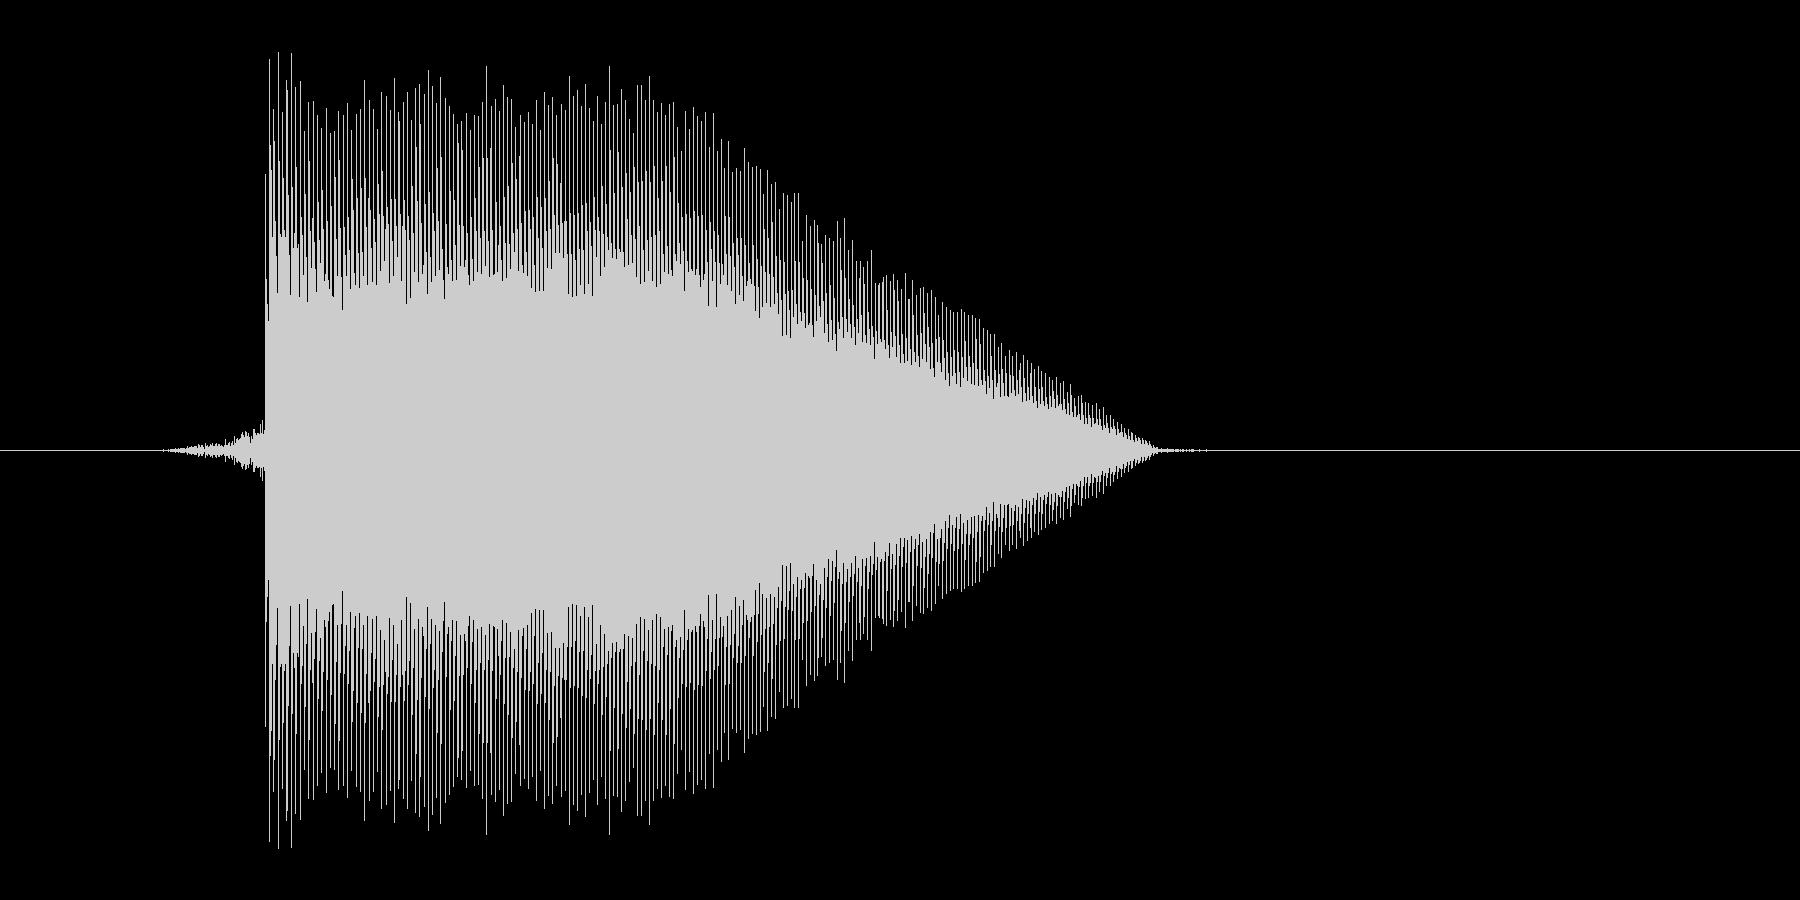 ゲーム(ファミコン風)ジャンプ音_014の未再生の波形